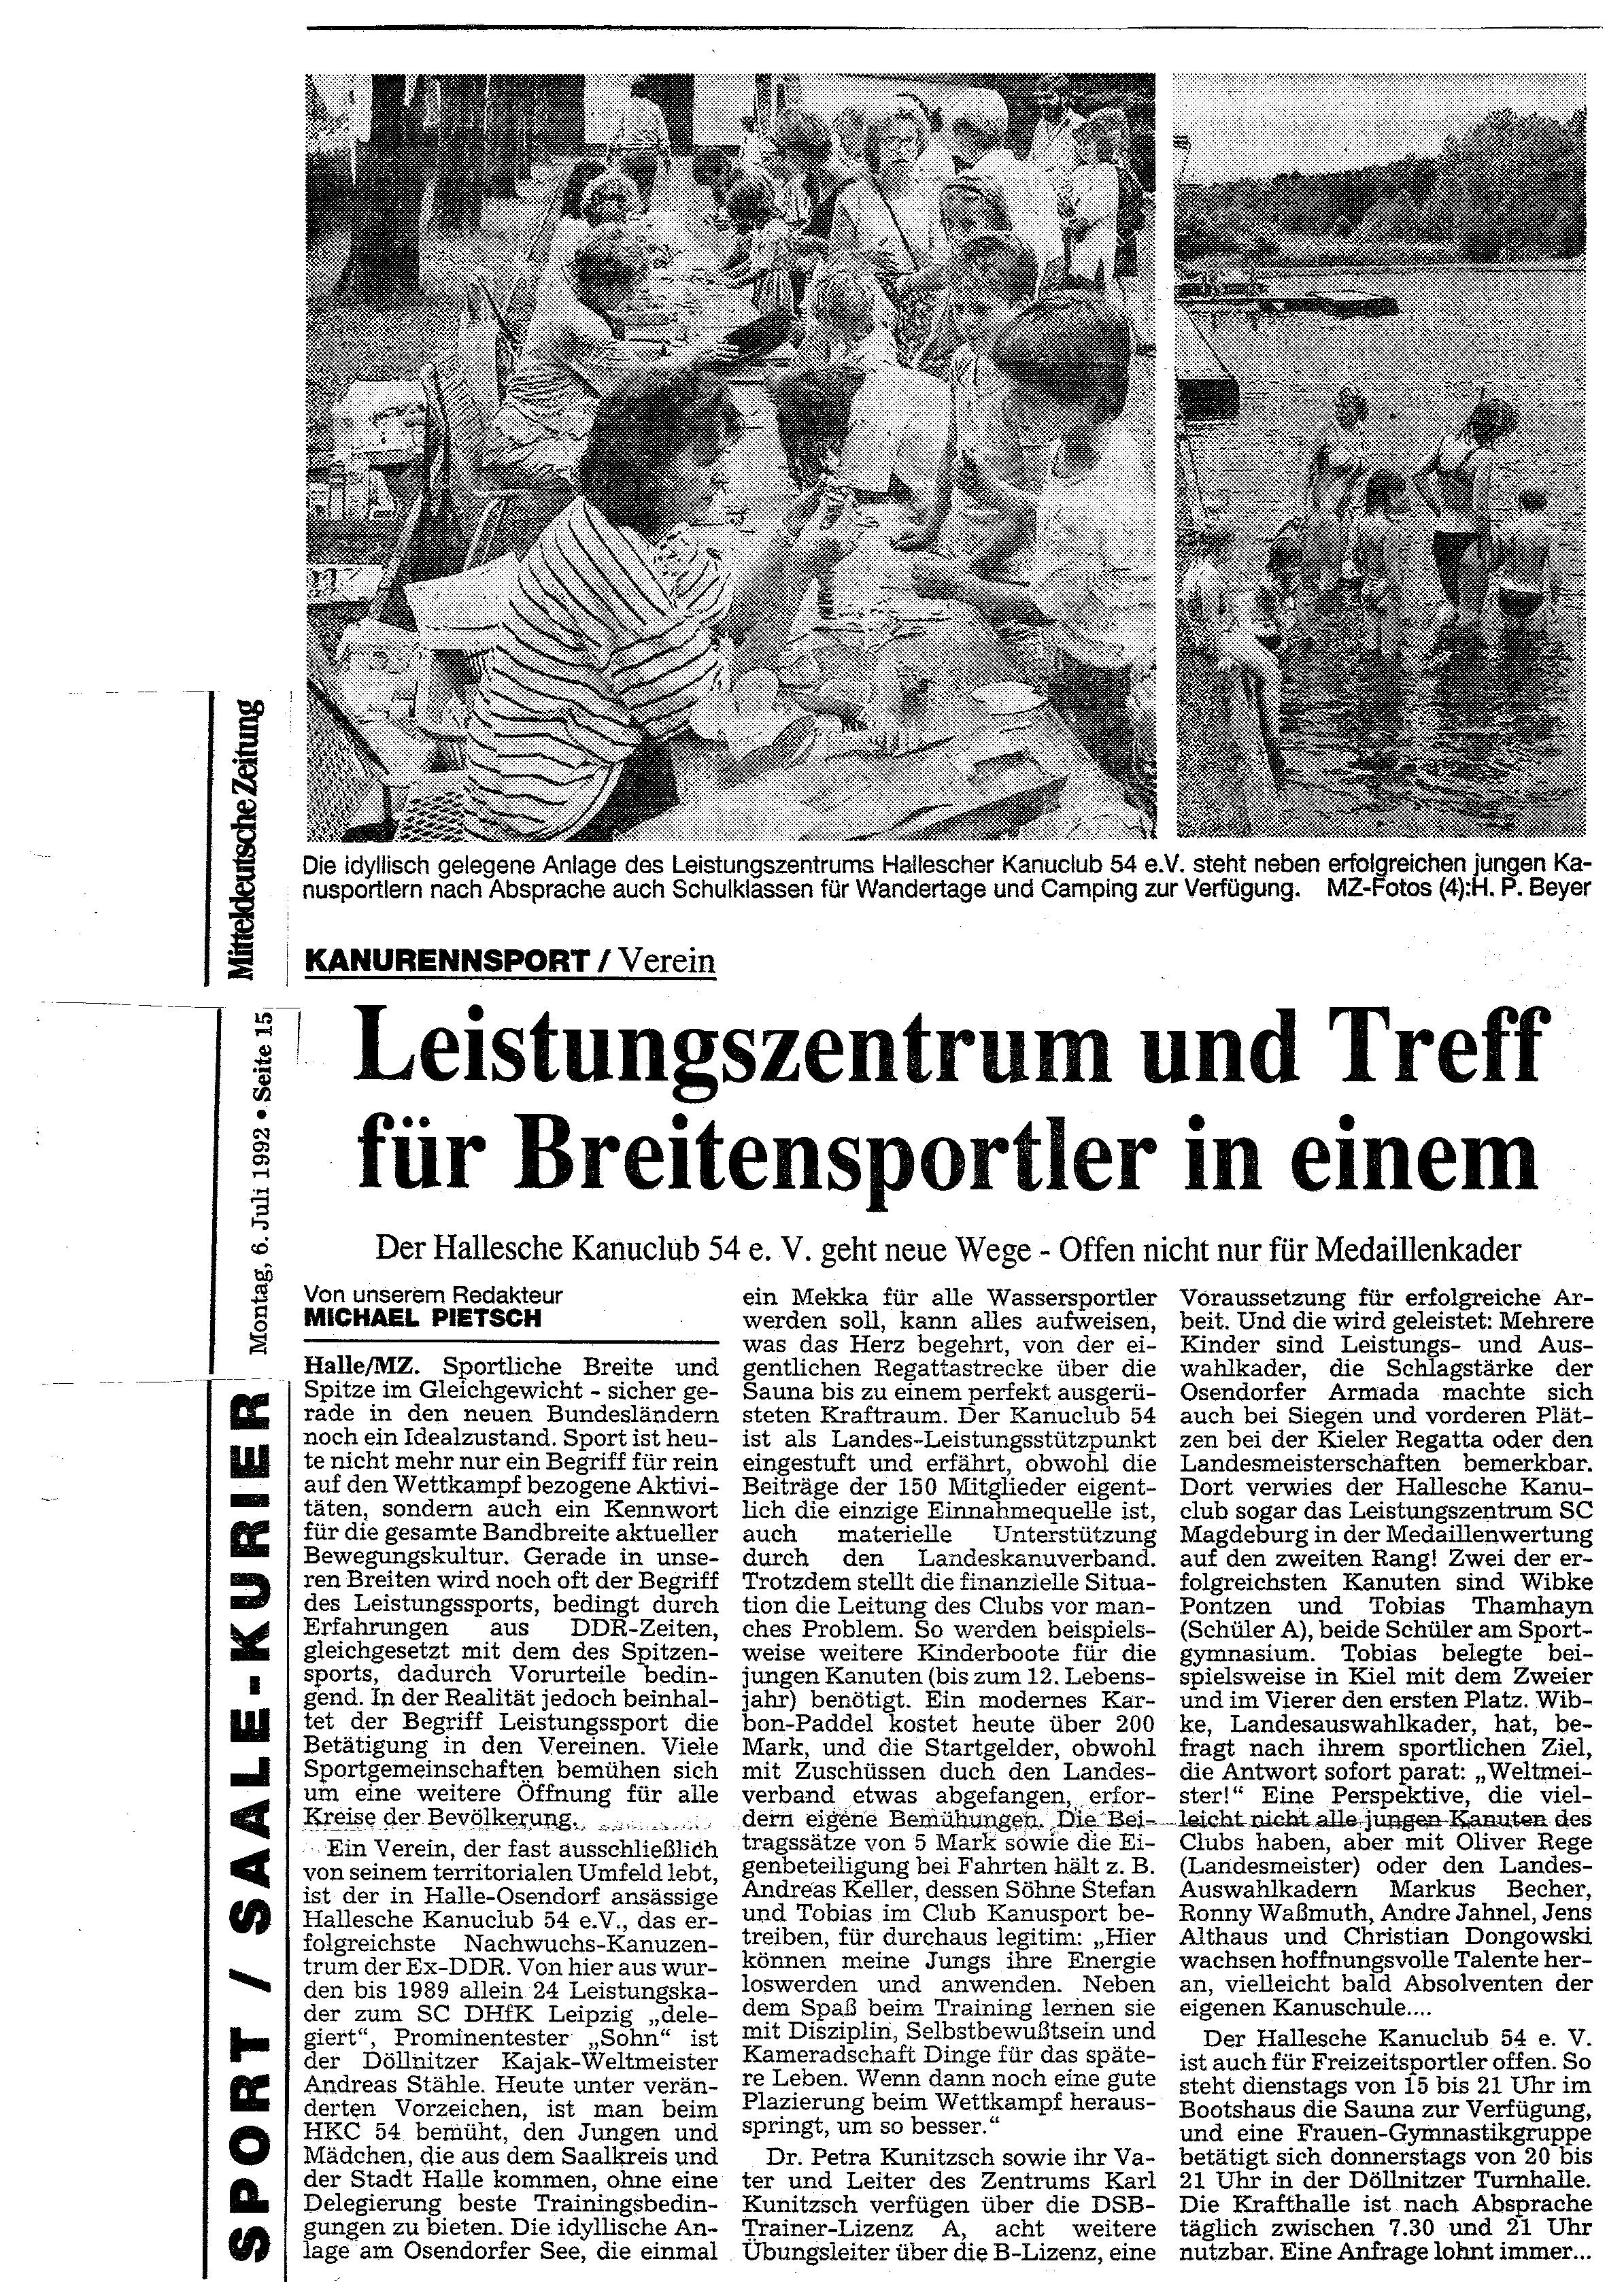 1992-07-06 Leistungszentrum trifft Breitensportler